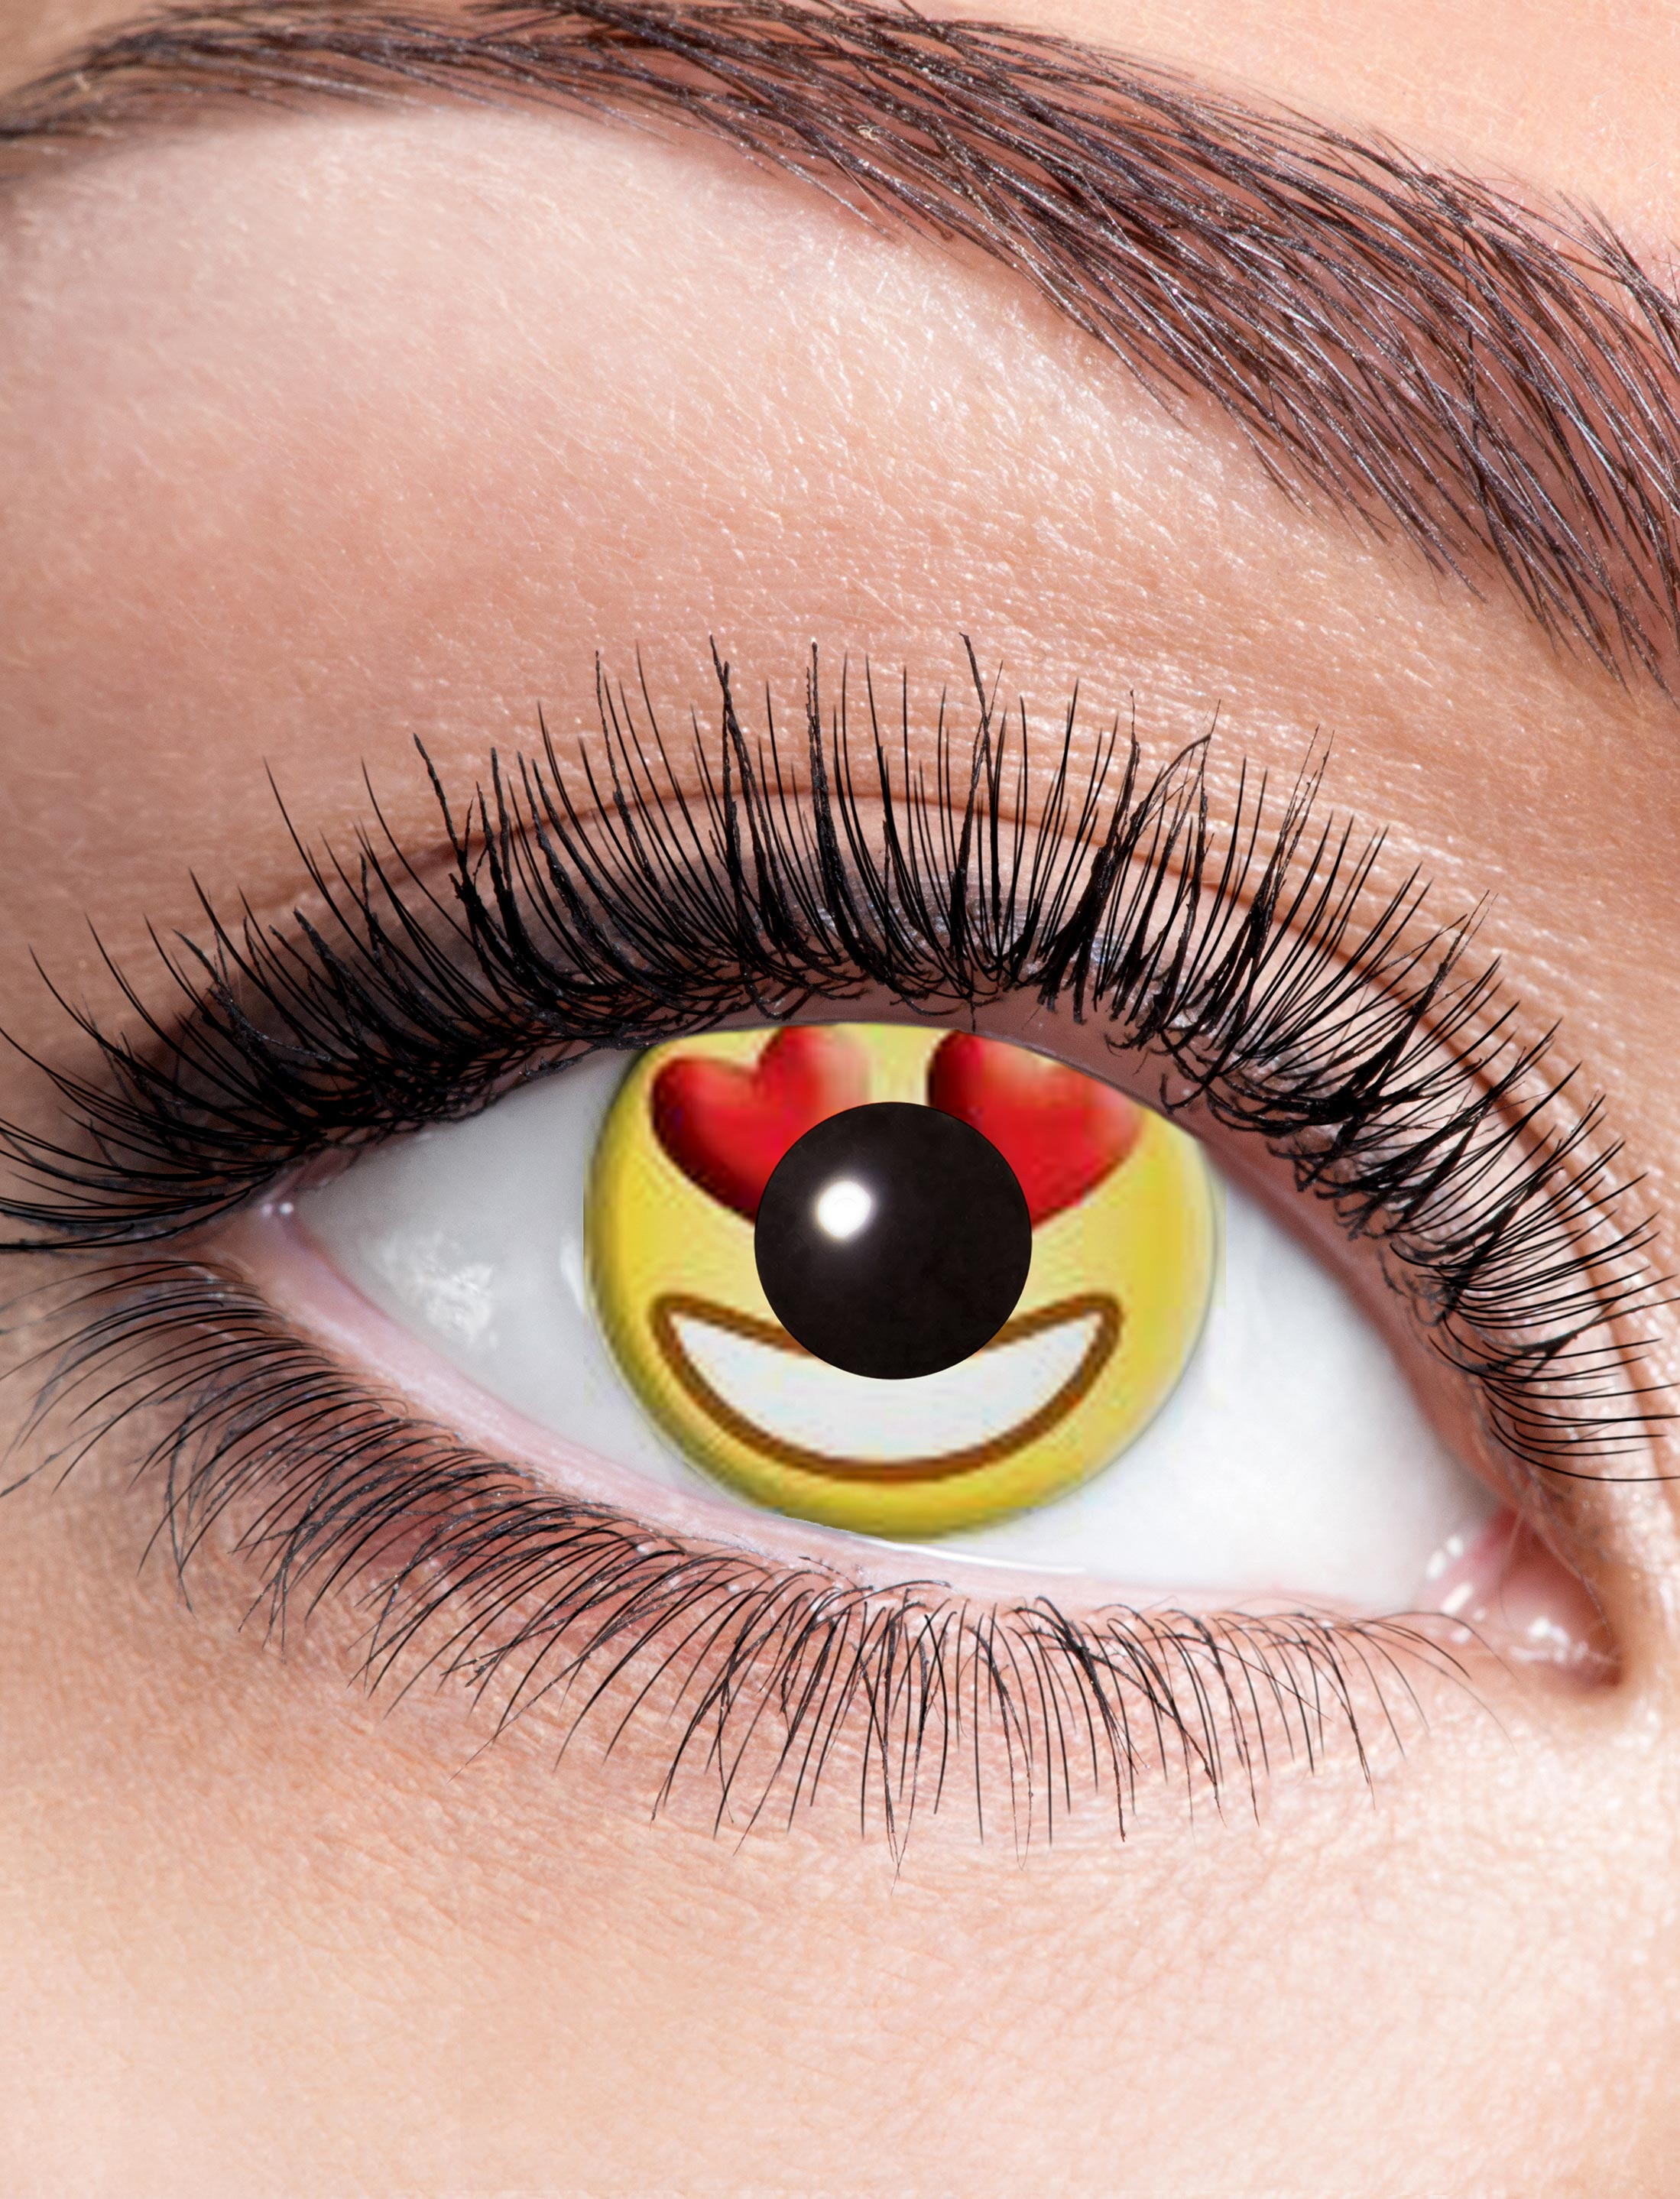 Kostuemzubehor Kontaktlinsen Emoji Herz Farbe: gelb